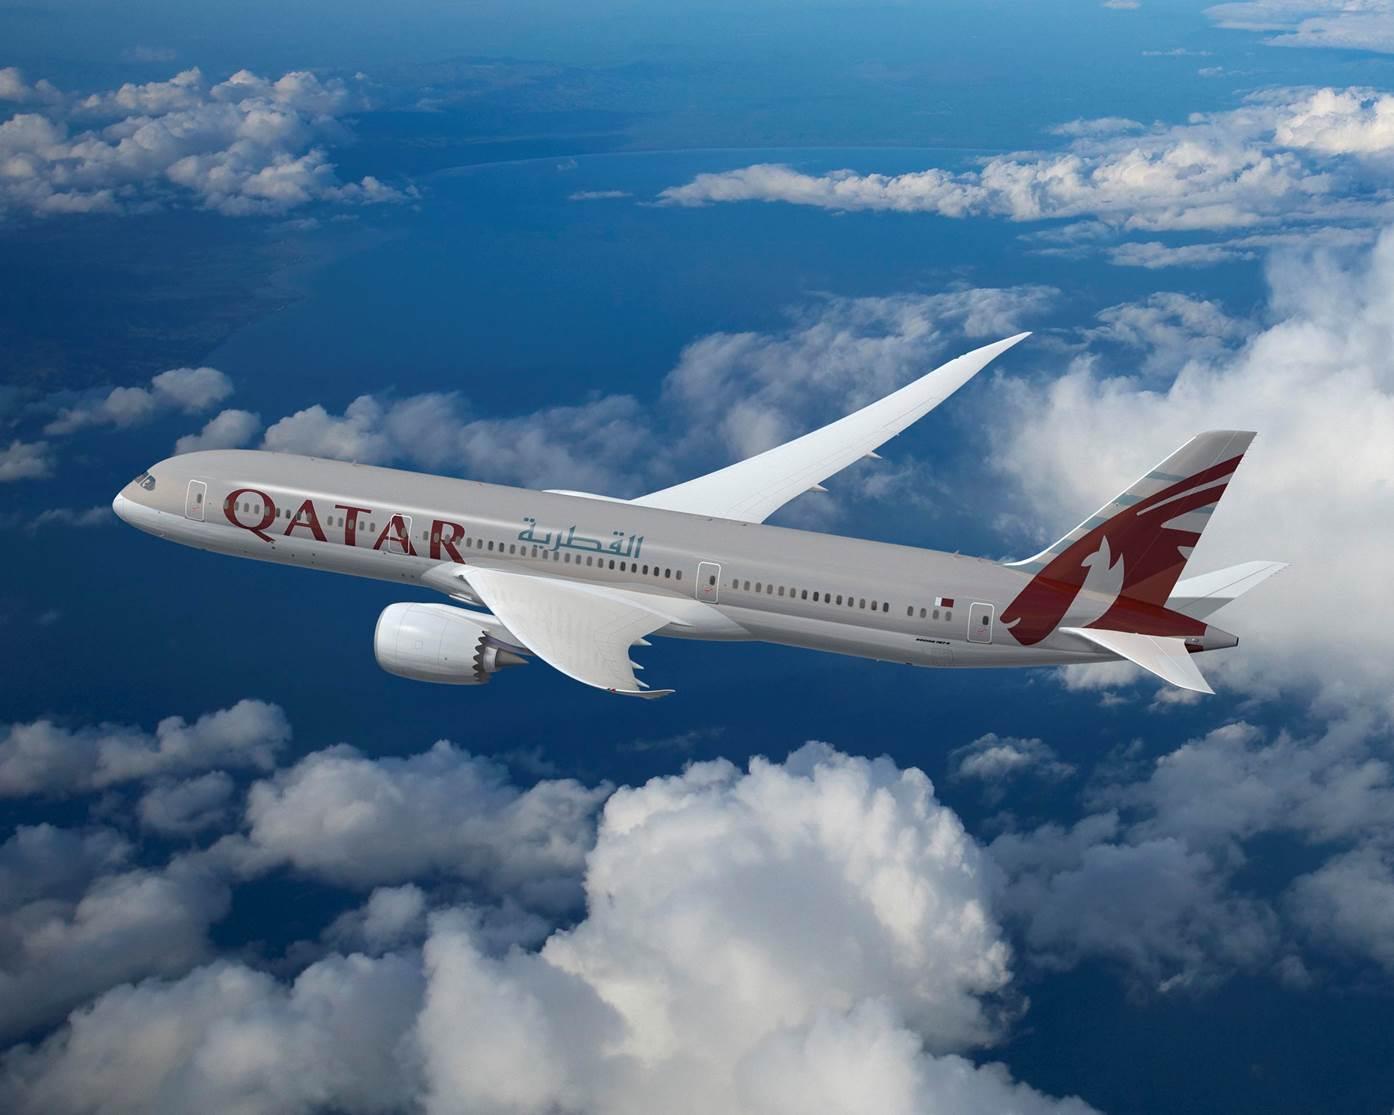 カタール航空、羽田5路線でJALとのコードシェア開始、日本国内11都市・週21便に拡大